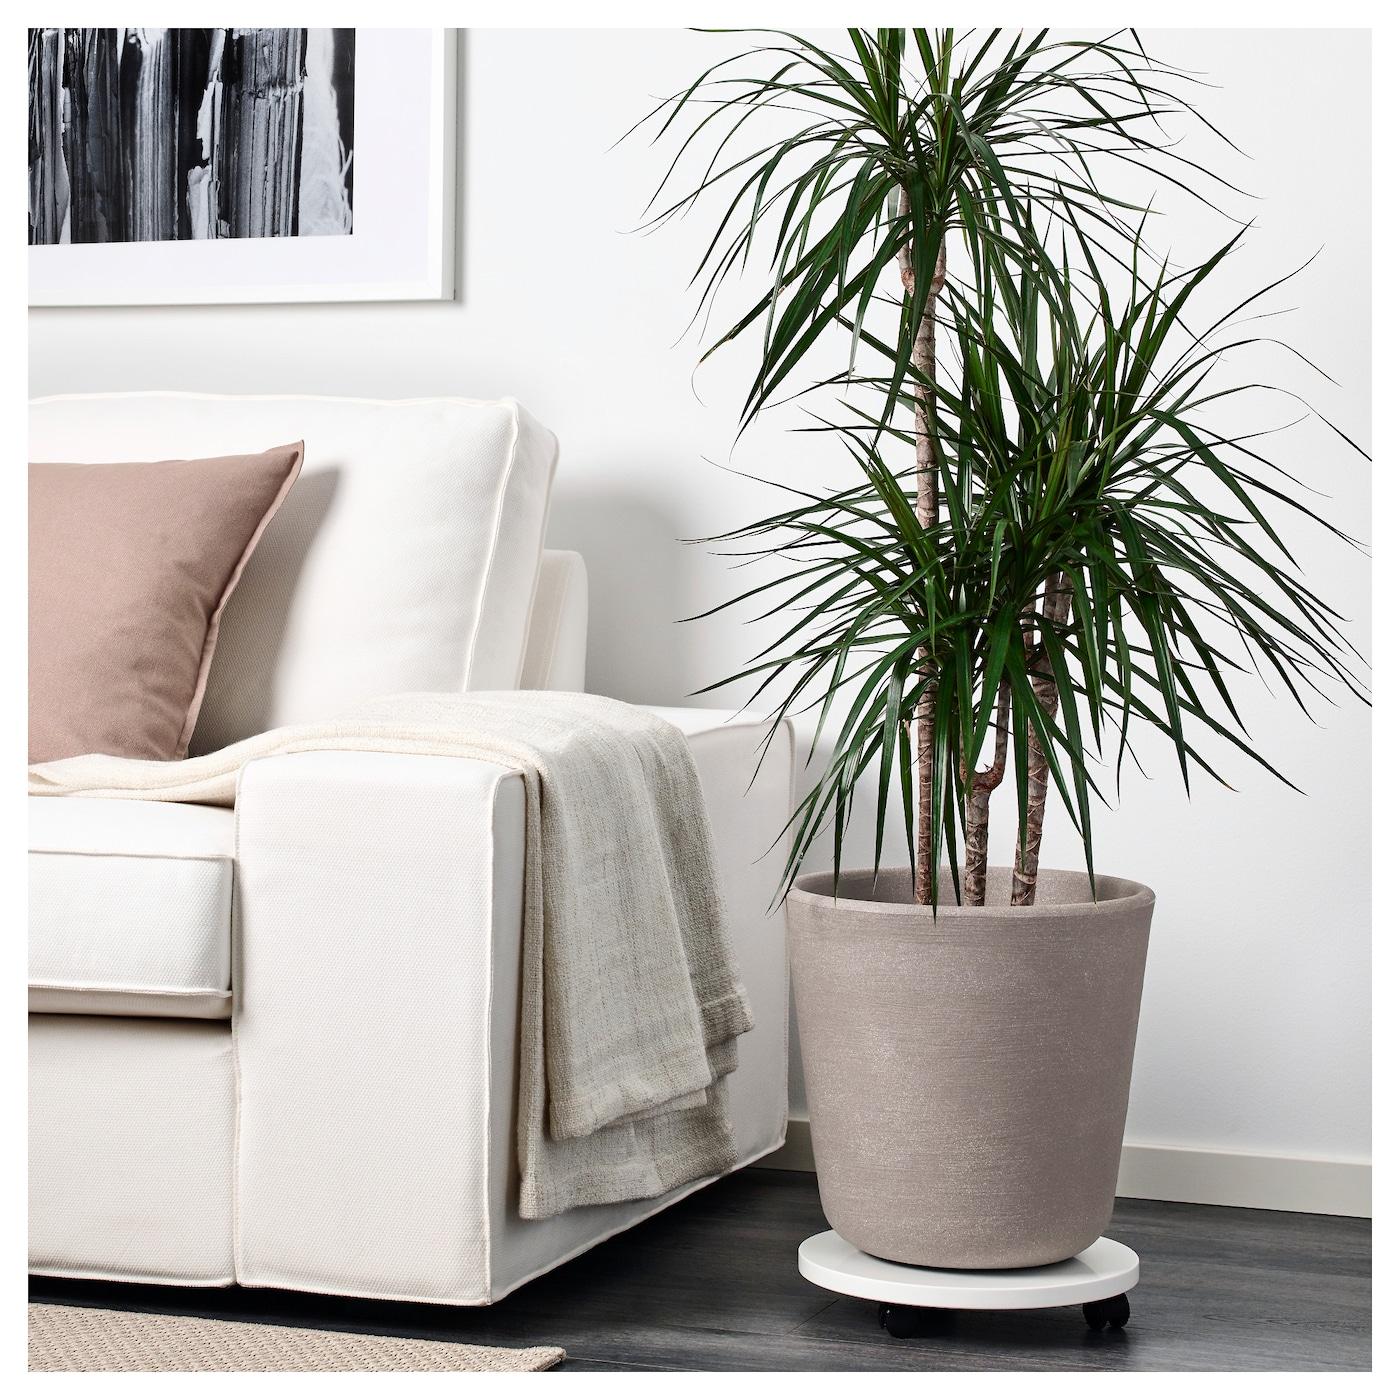 stlig cache pot int rieur ext rieur beige 30 cm ikea. Black Bedroom Furniture Sets. Home Design Ideas